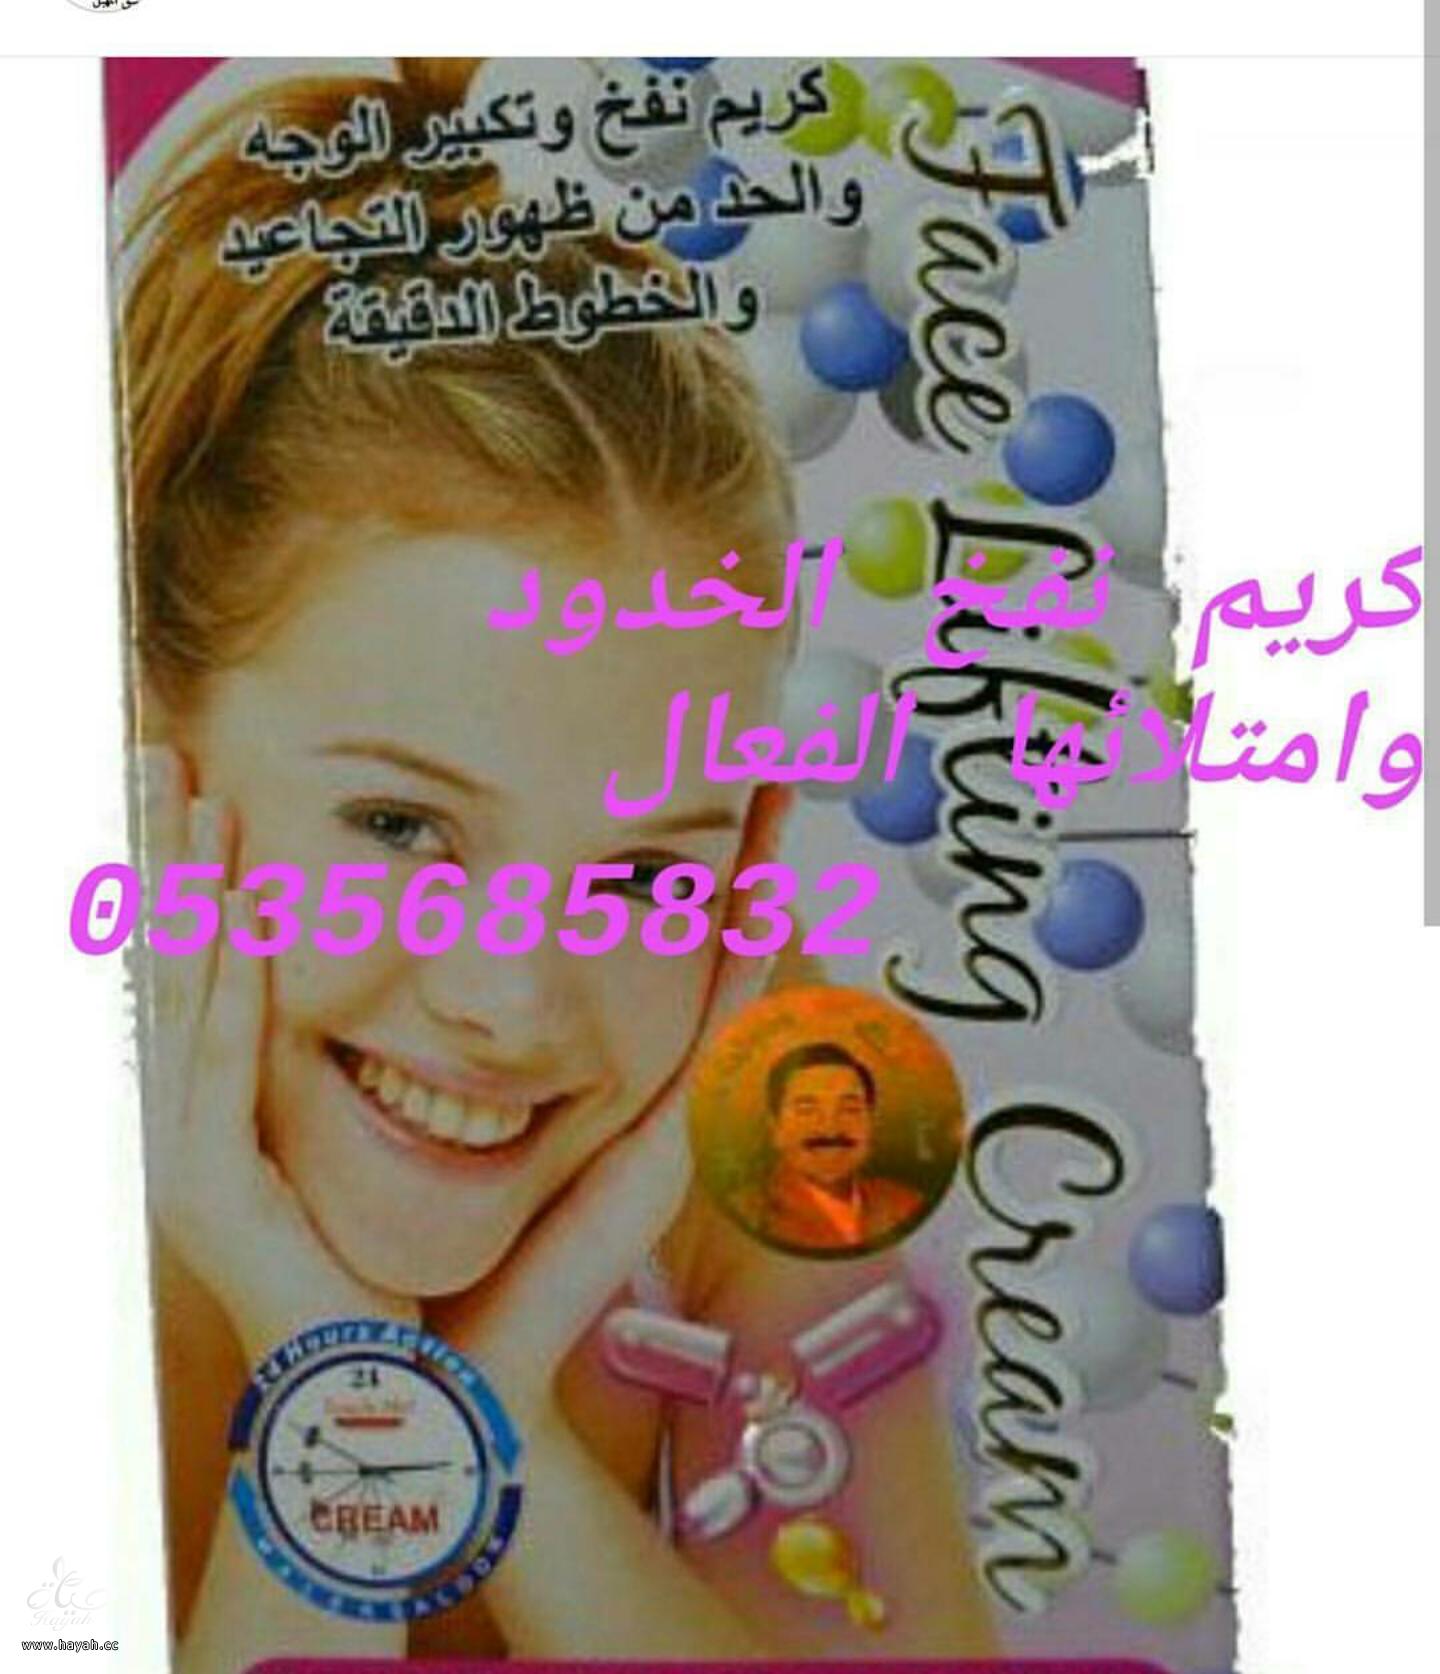 تجربه بودره نفخ الخدين ،توريد الخدود وتسمين الوجه hayahcc_1479751707_613.png